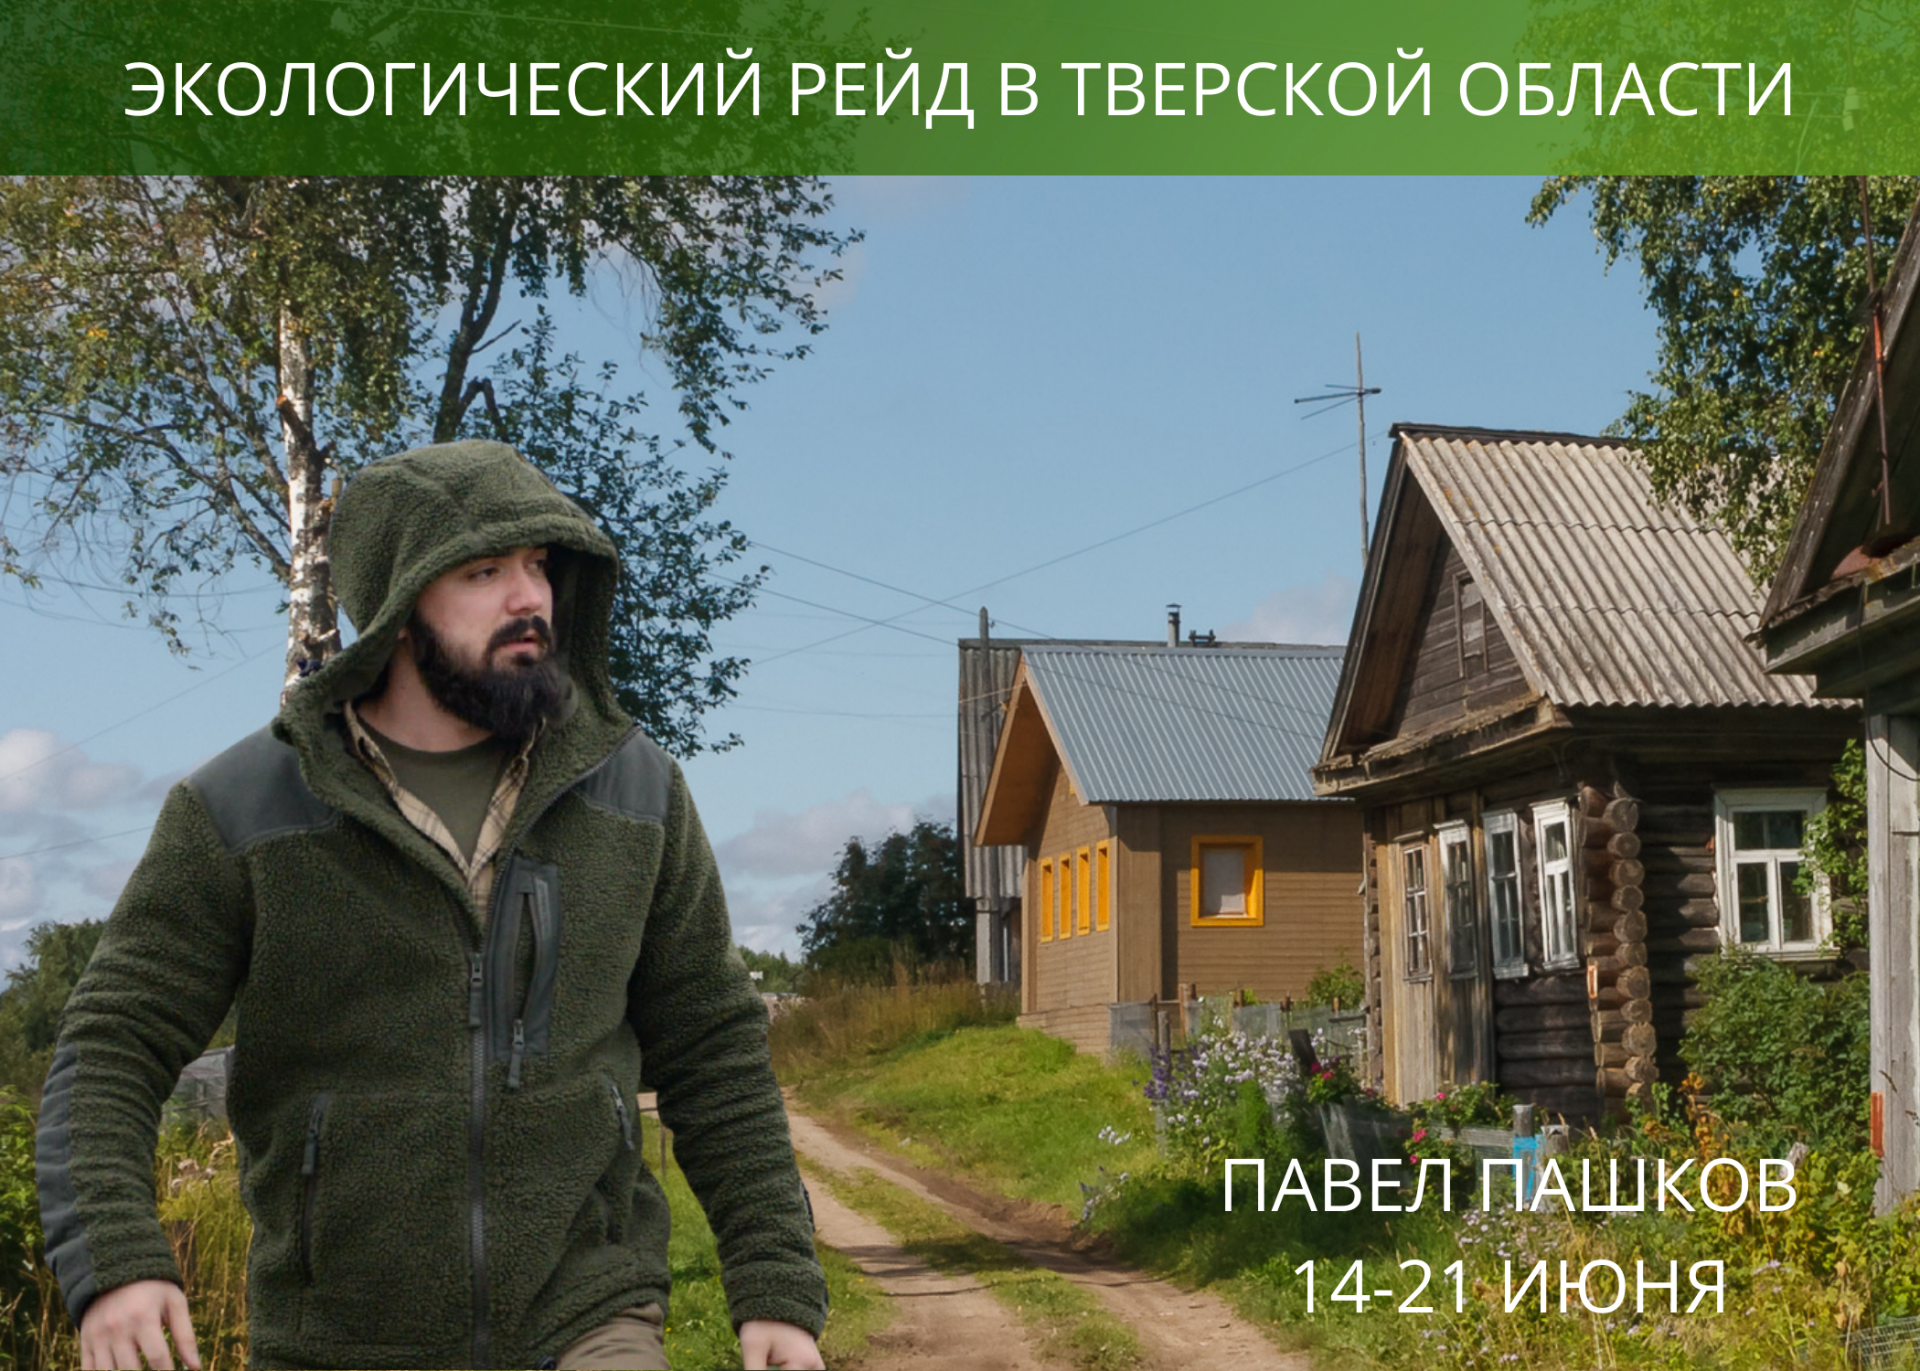 Экологический рейд в Тверскую область 14-21 июня